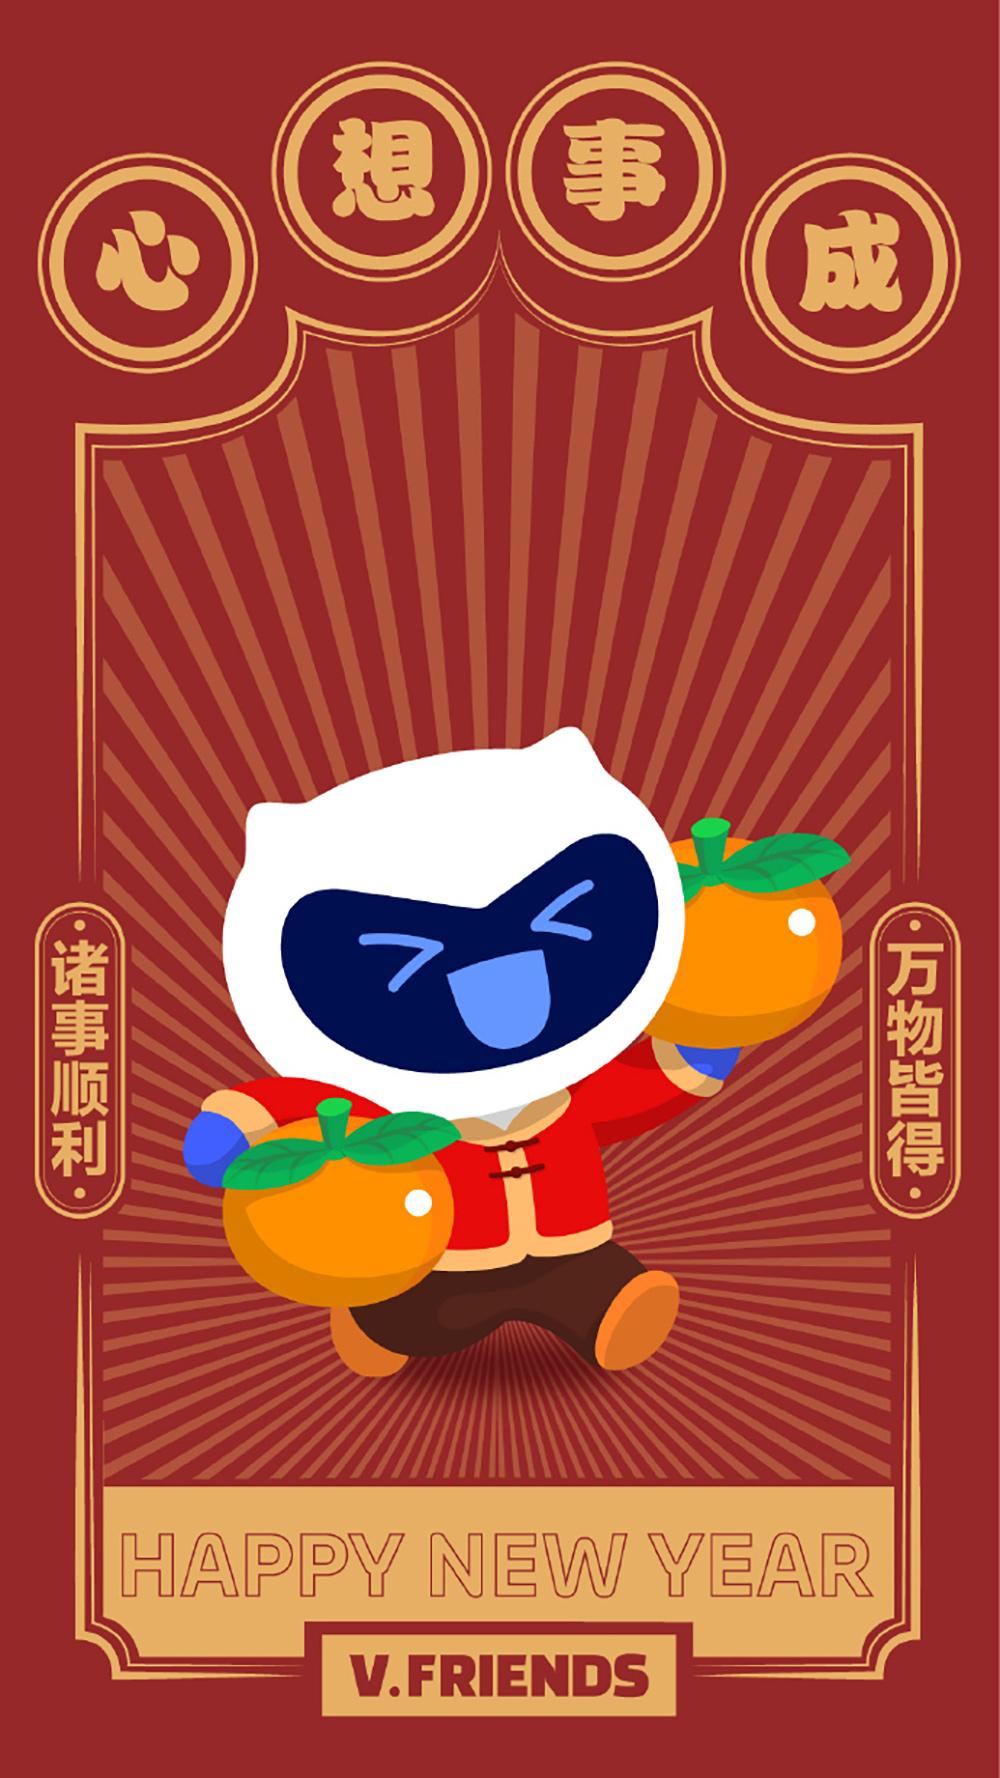 充满期待!12张红红火火元旦节海报设计